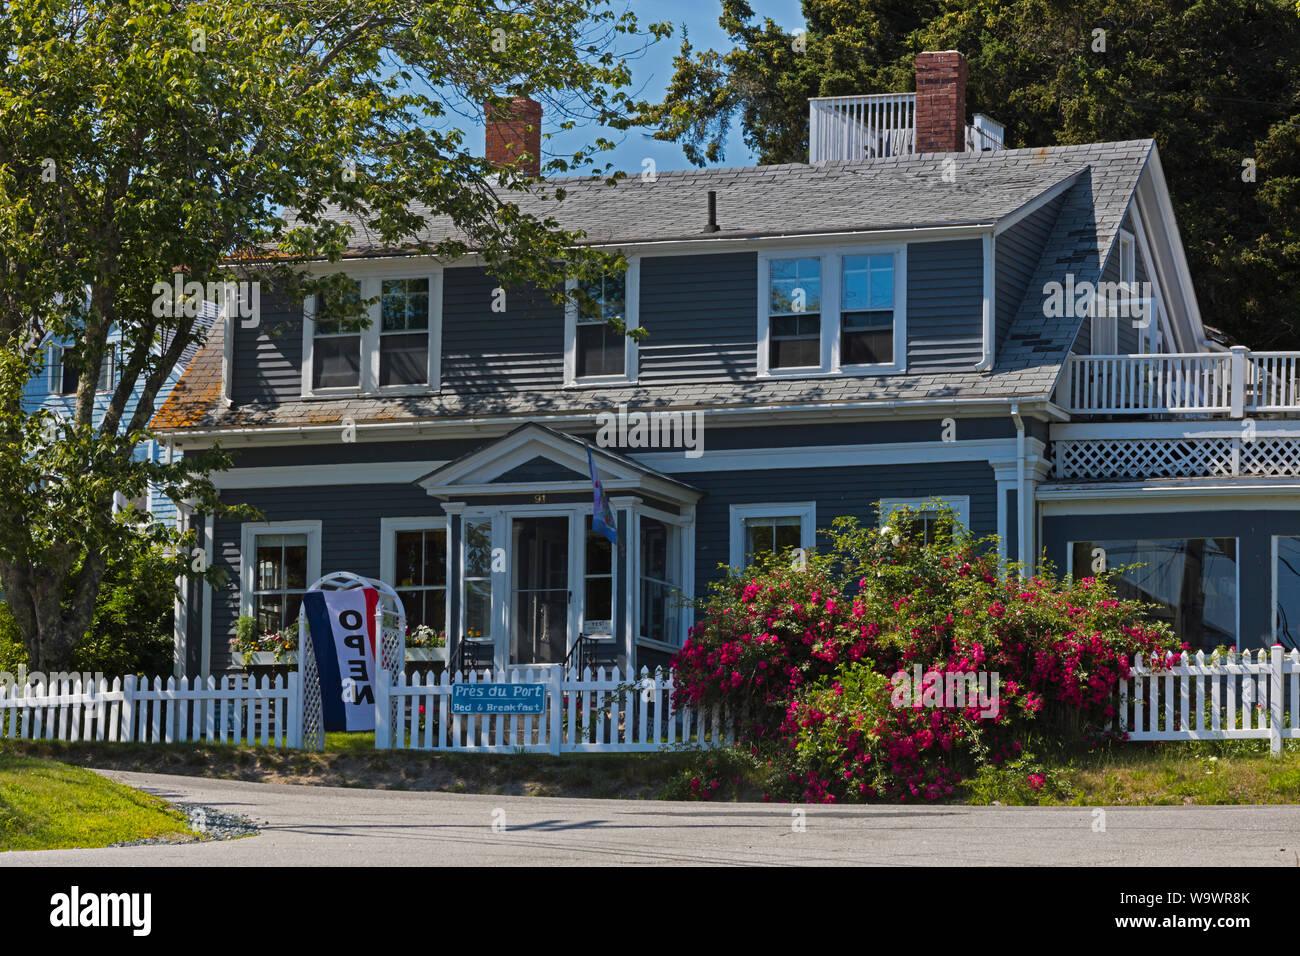 Estilo Nueva Inglaterra bed and breakfast en STONINGTON un importante puerto de pesca de langosta y destino turístico - Deer Island, Maine Foto de stock